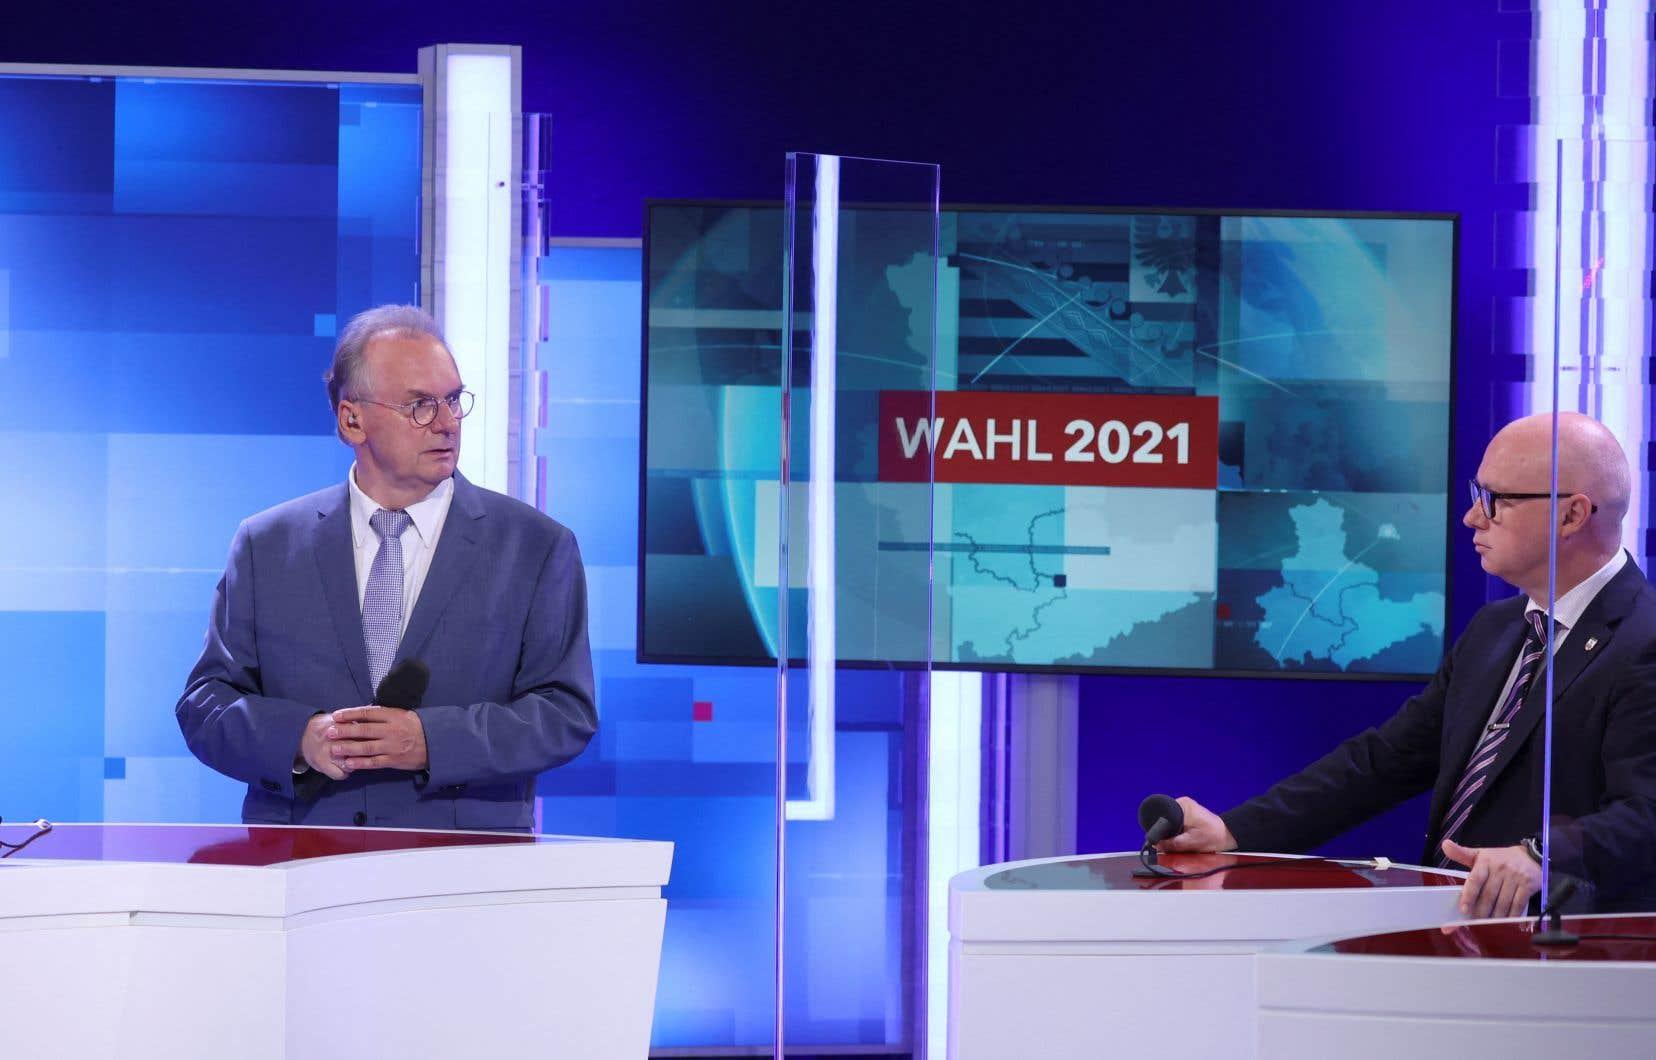 Oliver Kirchner (à droite), candidat du parti del'extrême droite de l'Alternative pour l'Allemagneet Reiner Haseloff (à gauche),chef du gouvernement régional etcandidat de Union chrétienne-démocrate, ont participé à une débat télévisé après le dévoilement des premiers résultats des élections régionales.